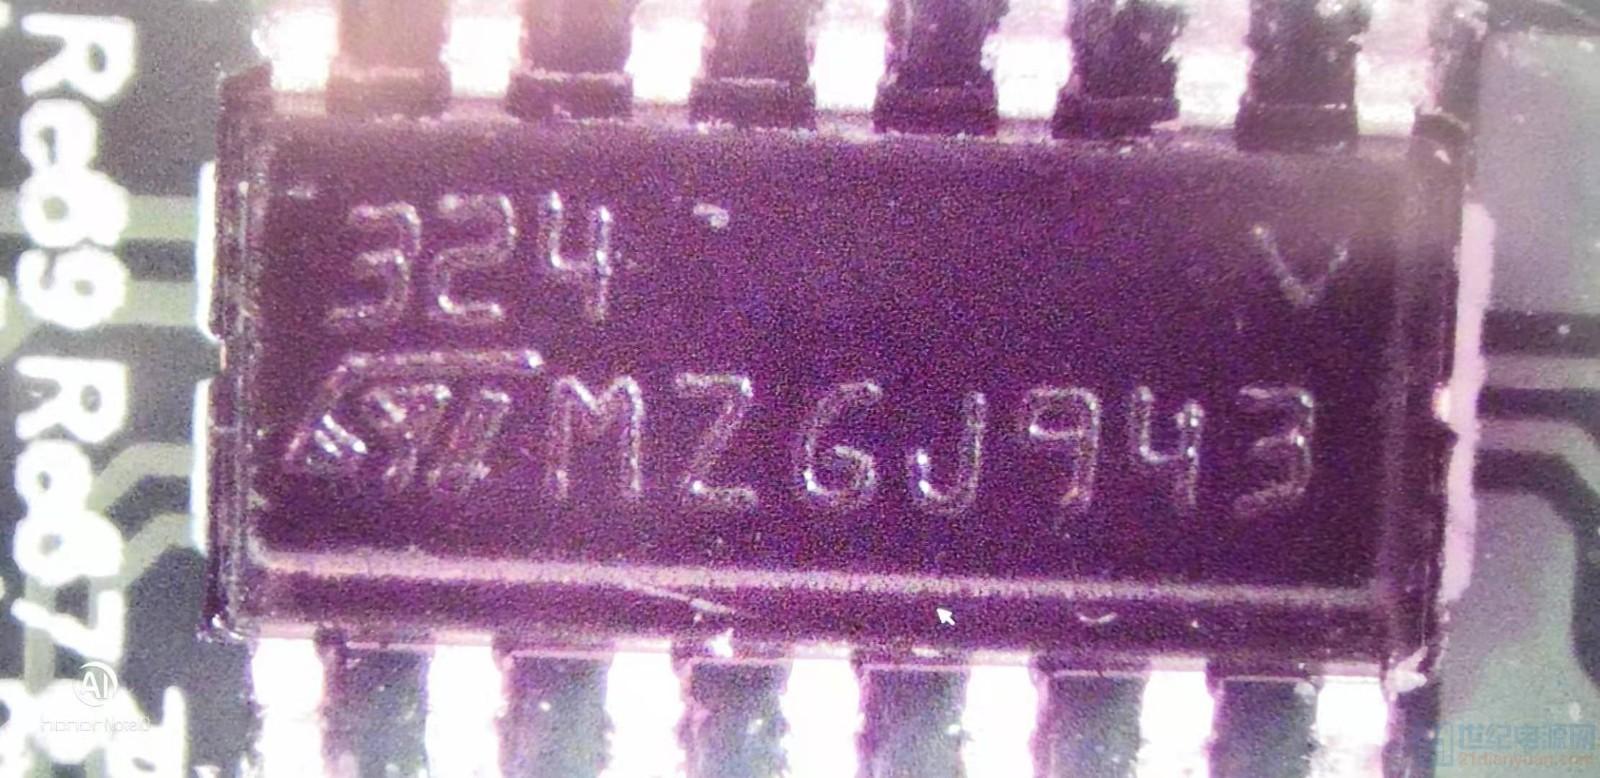 ff5d5717-6460-43eb-8879-08f1ce651029.jpg